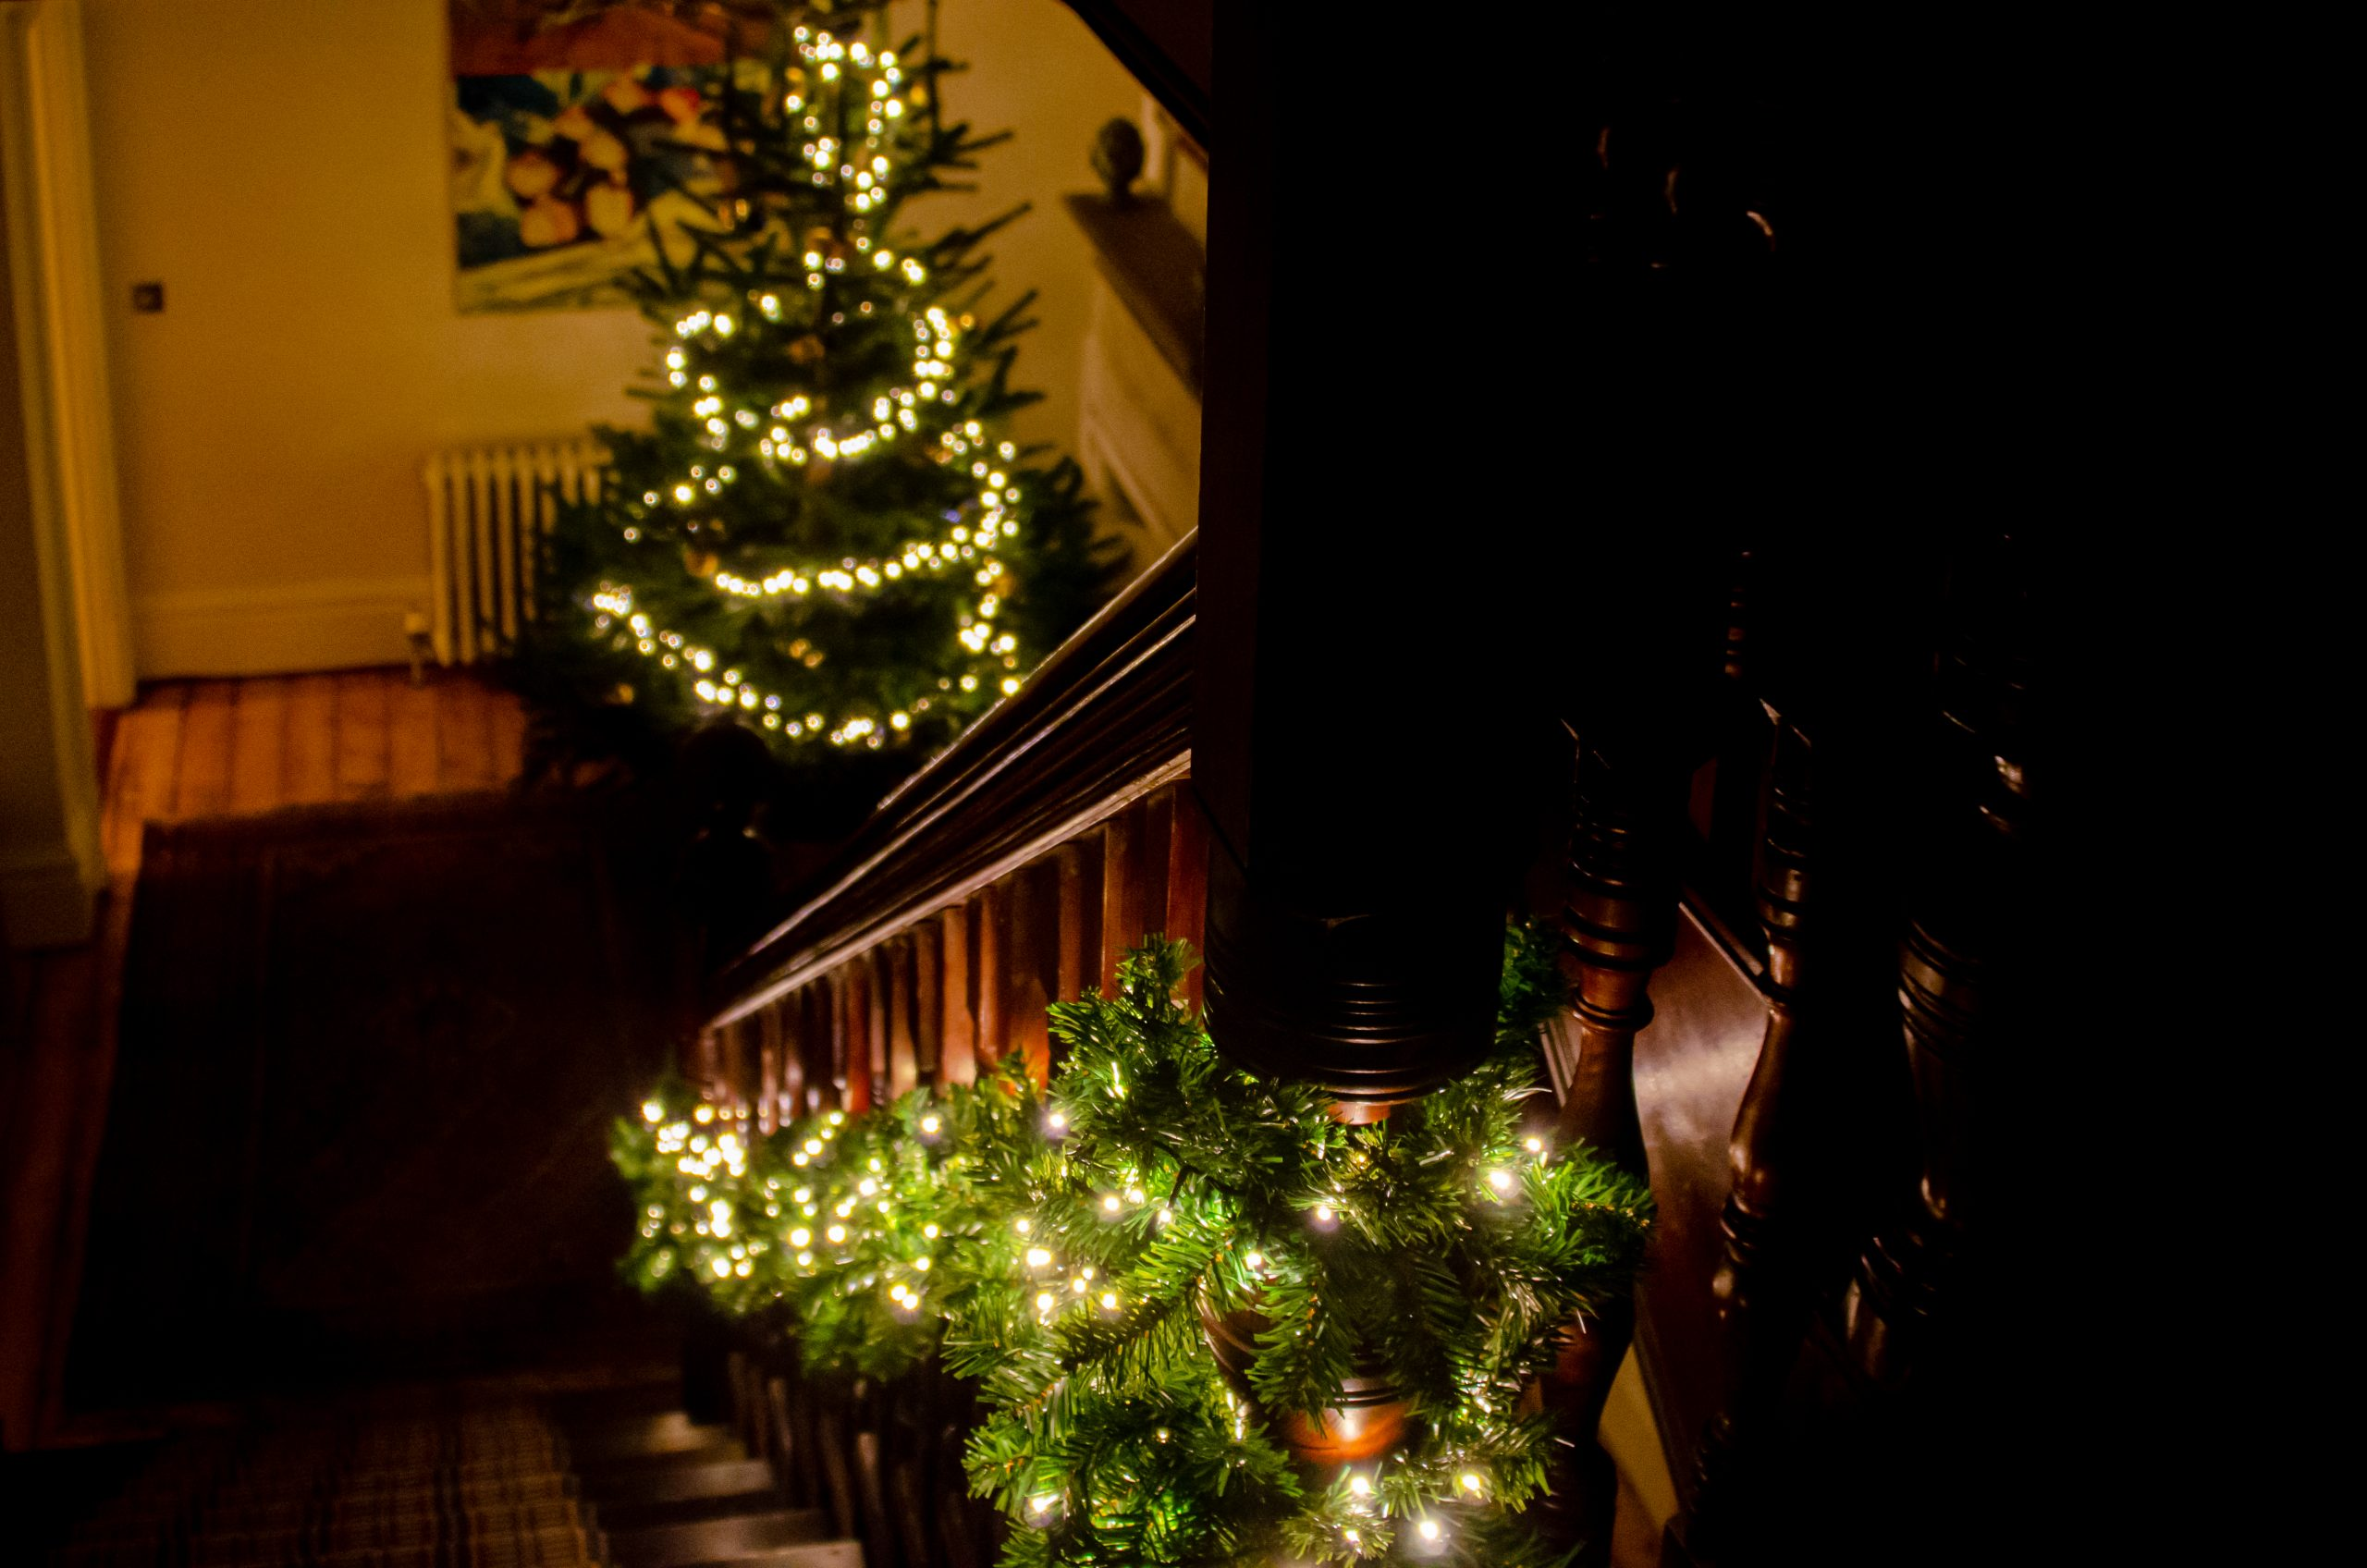 Birkdale Christmas Tree Lighting 2021 Luxury Last Minute Christmas Break Birkdale House Windermere